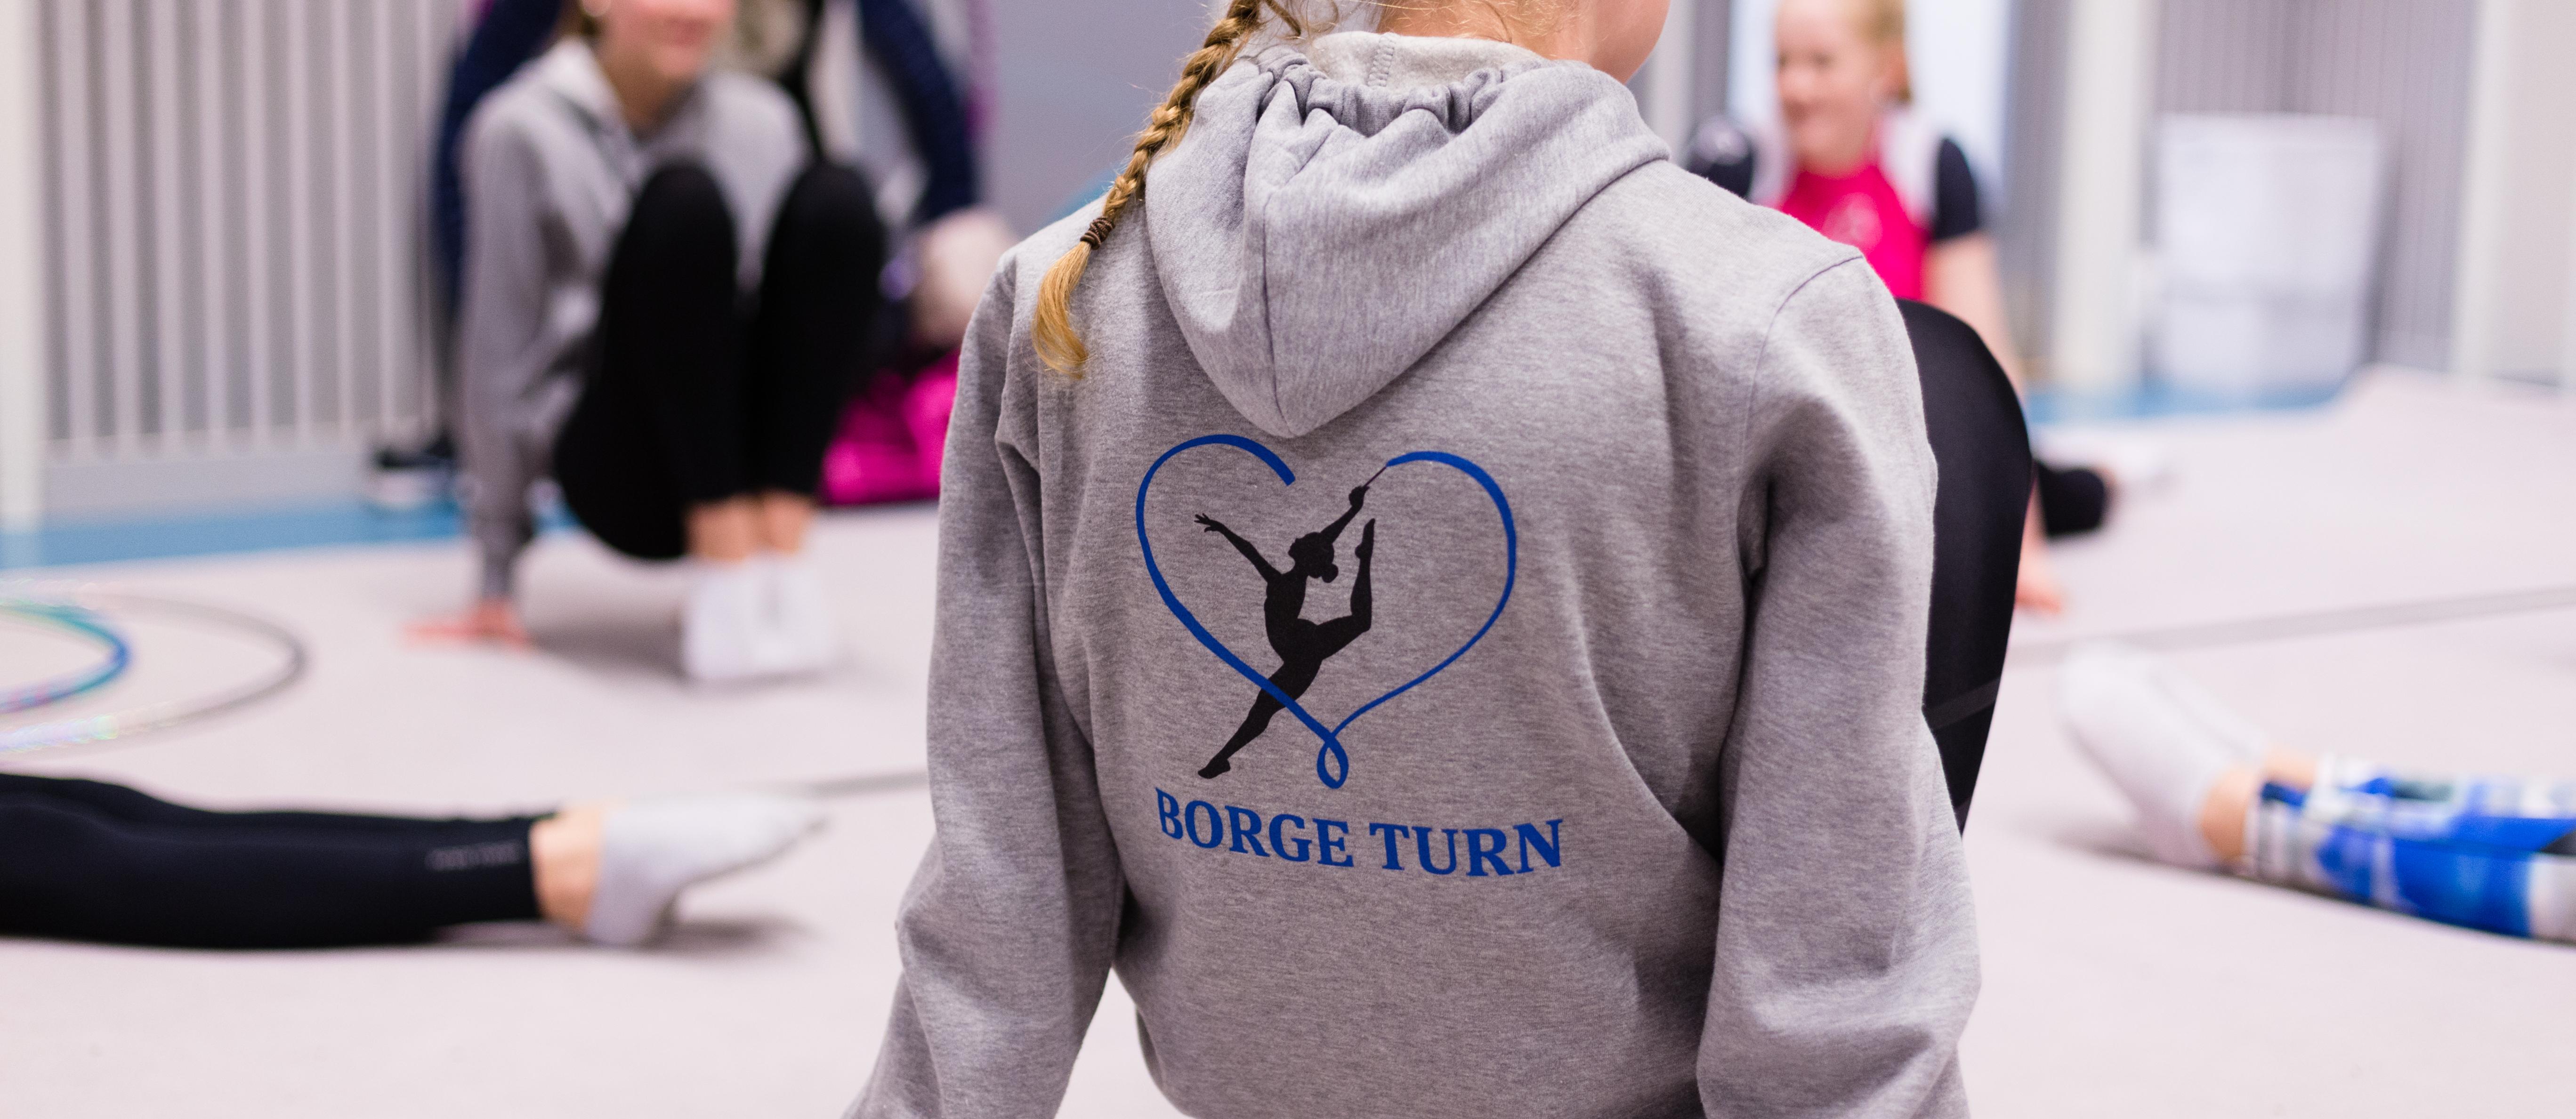 Borge_turnforening_TOPBAR-2739